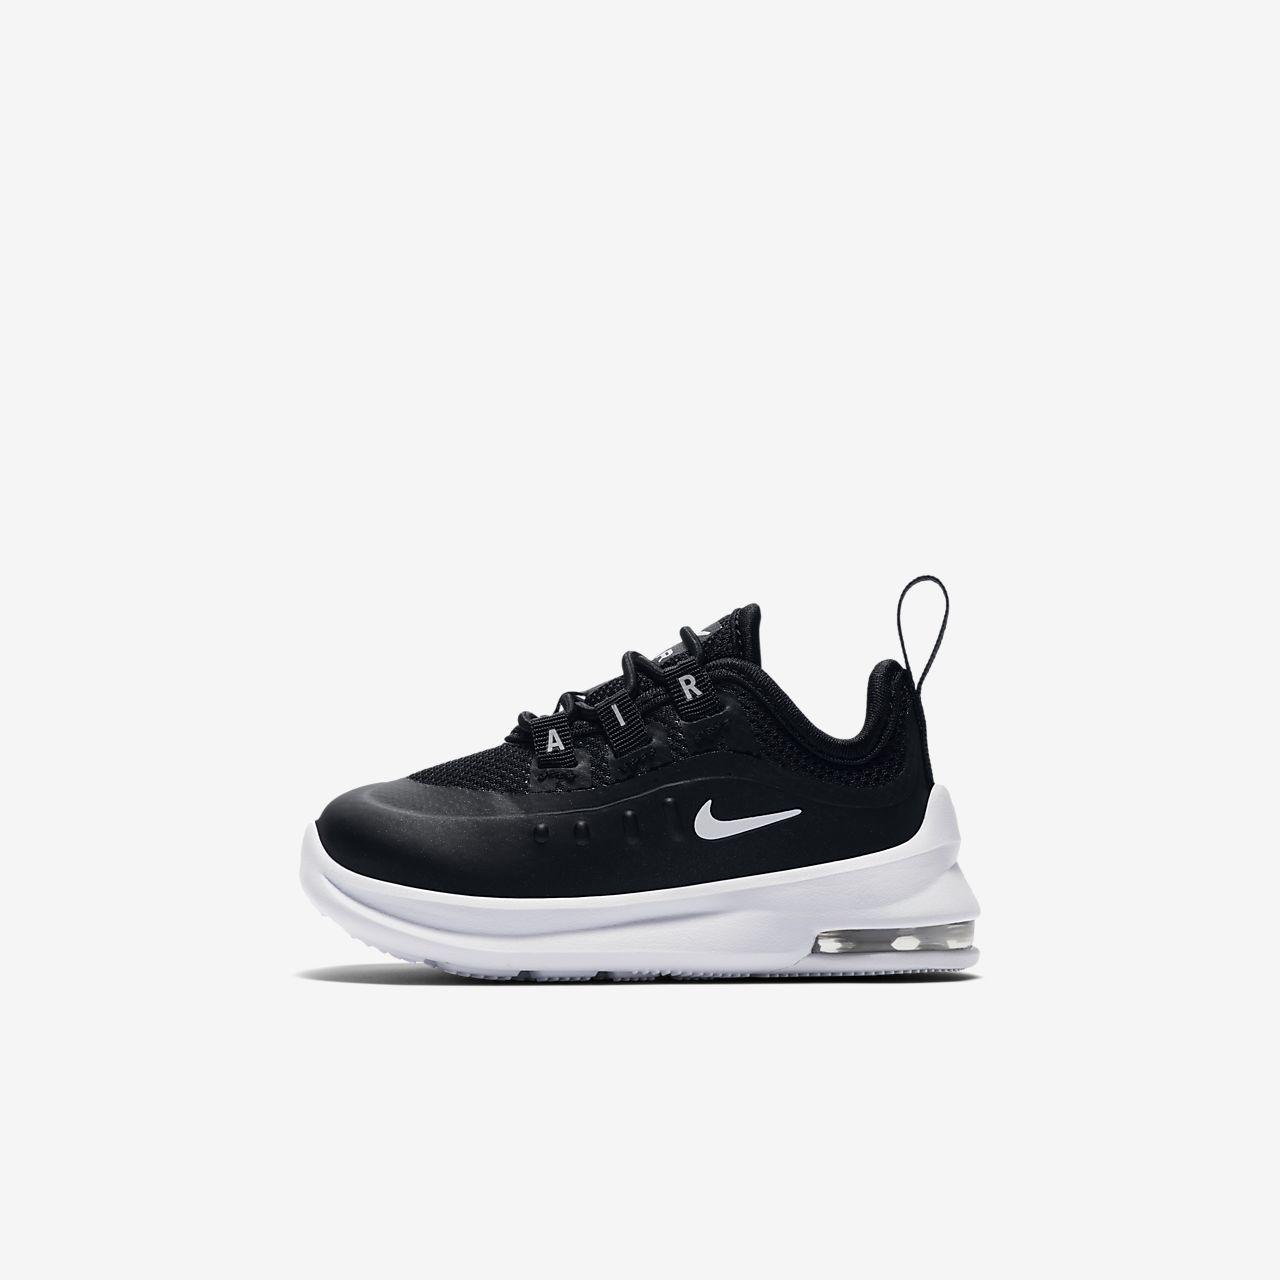 new concept 33231 701ce ... Chaussure Nike Air Max Axis pour Bébé Petit enfant